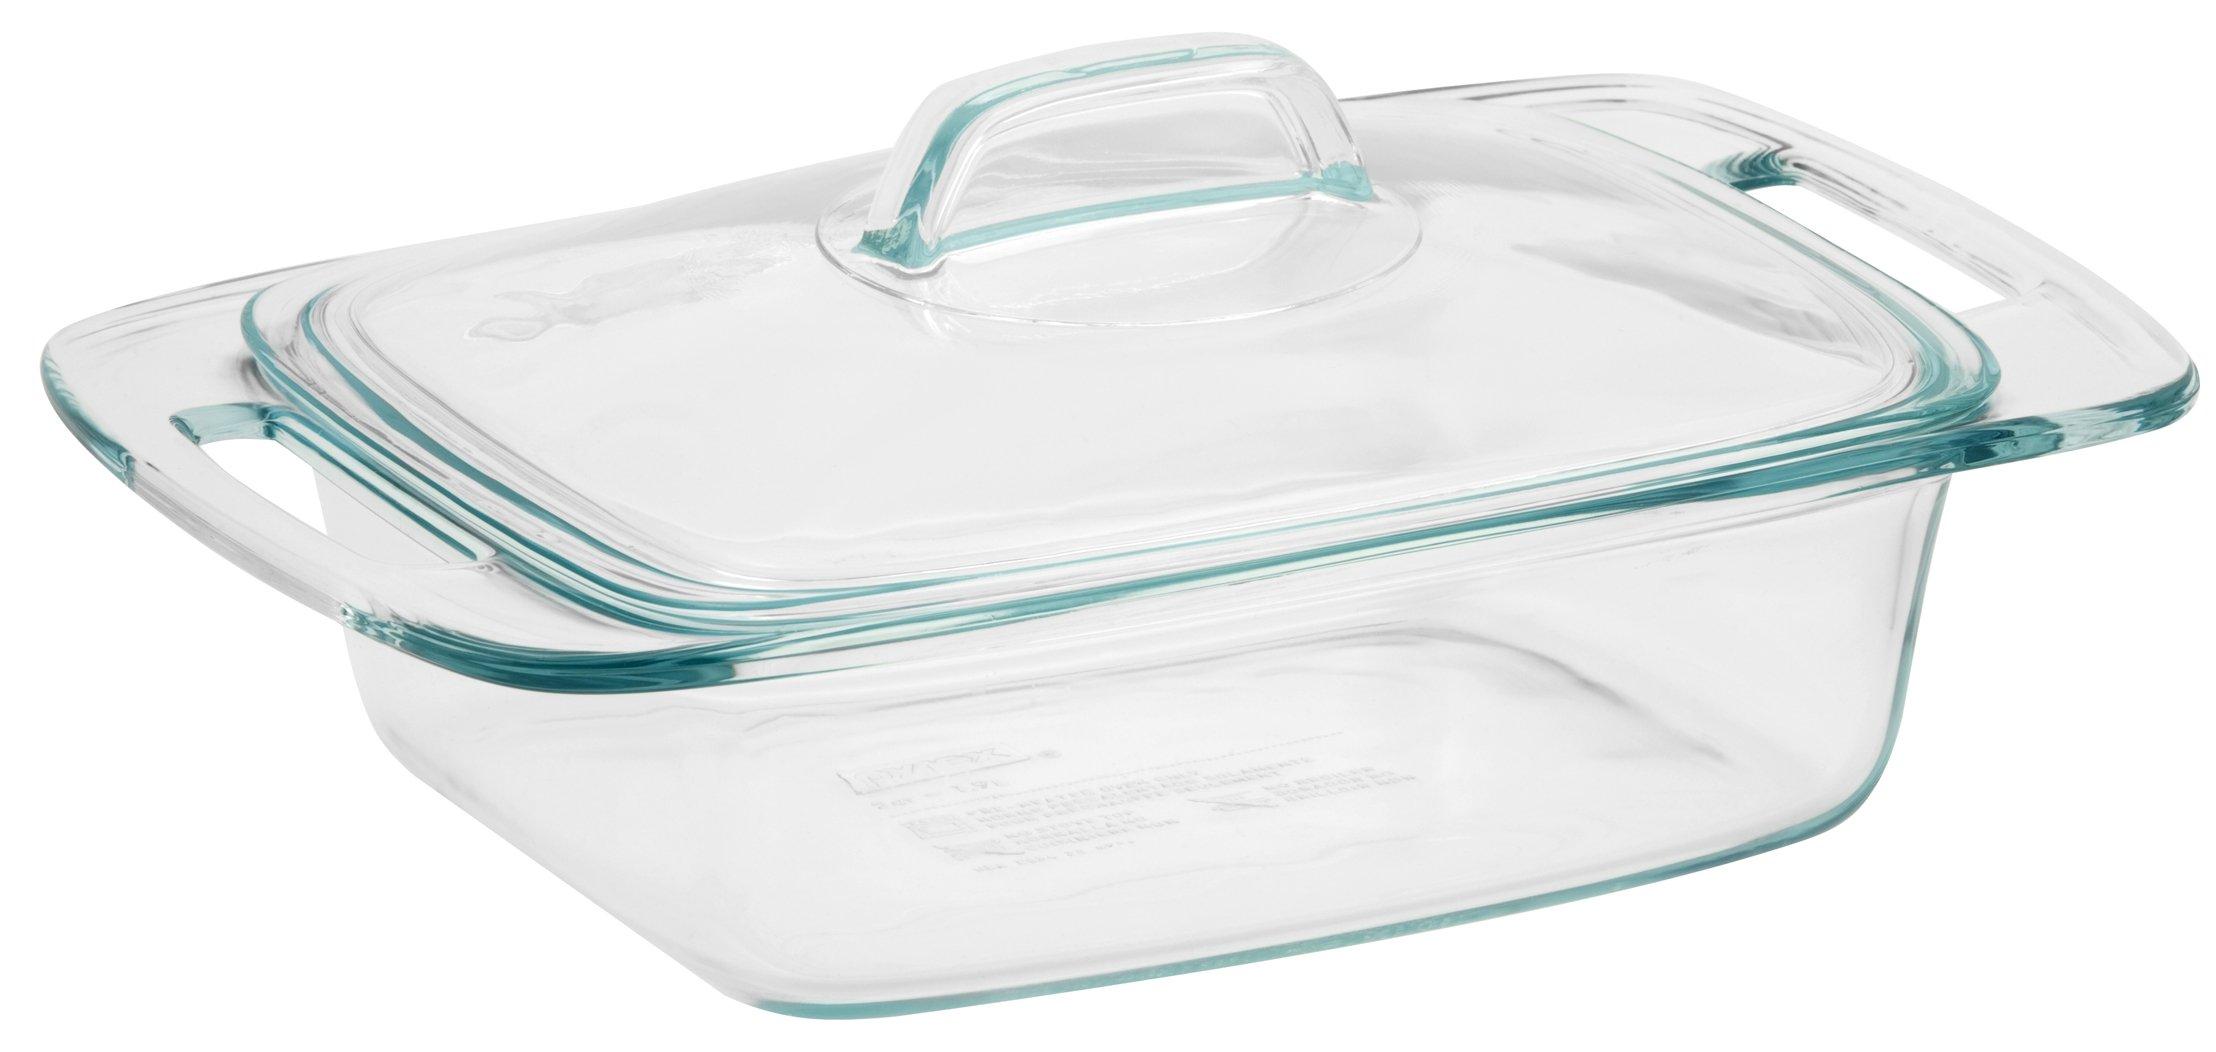 Pyrex 2 Quart Casserole Glass Bakeware